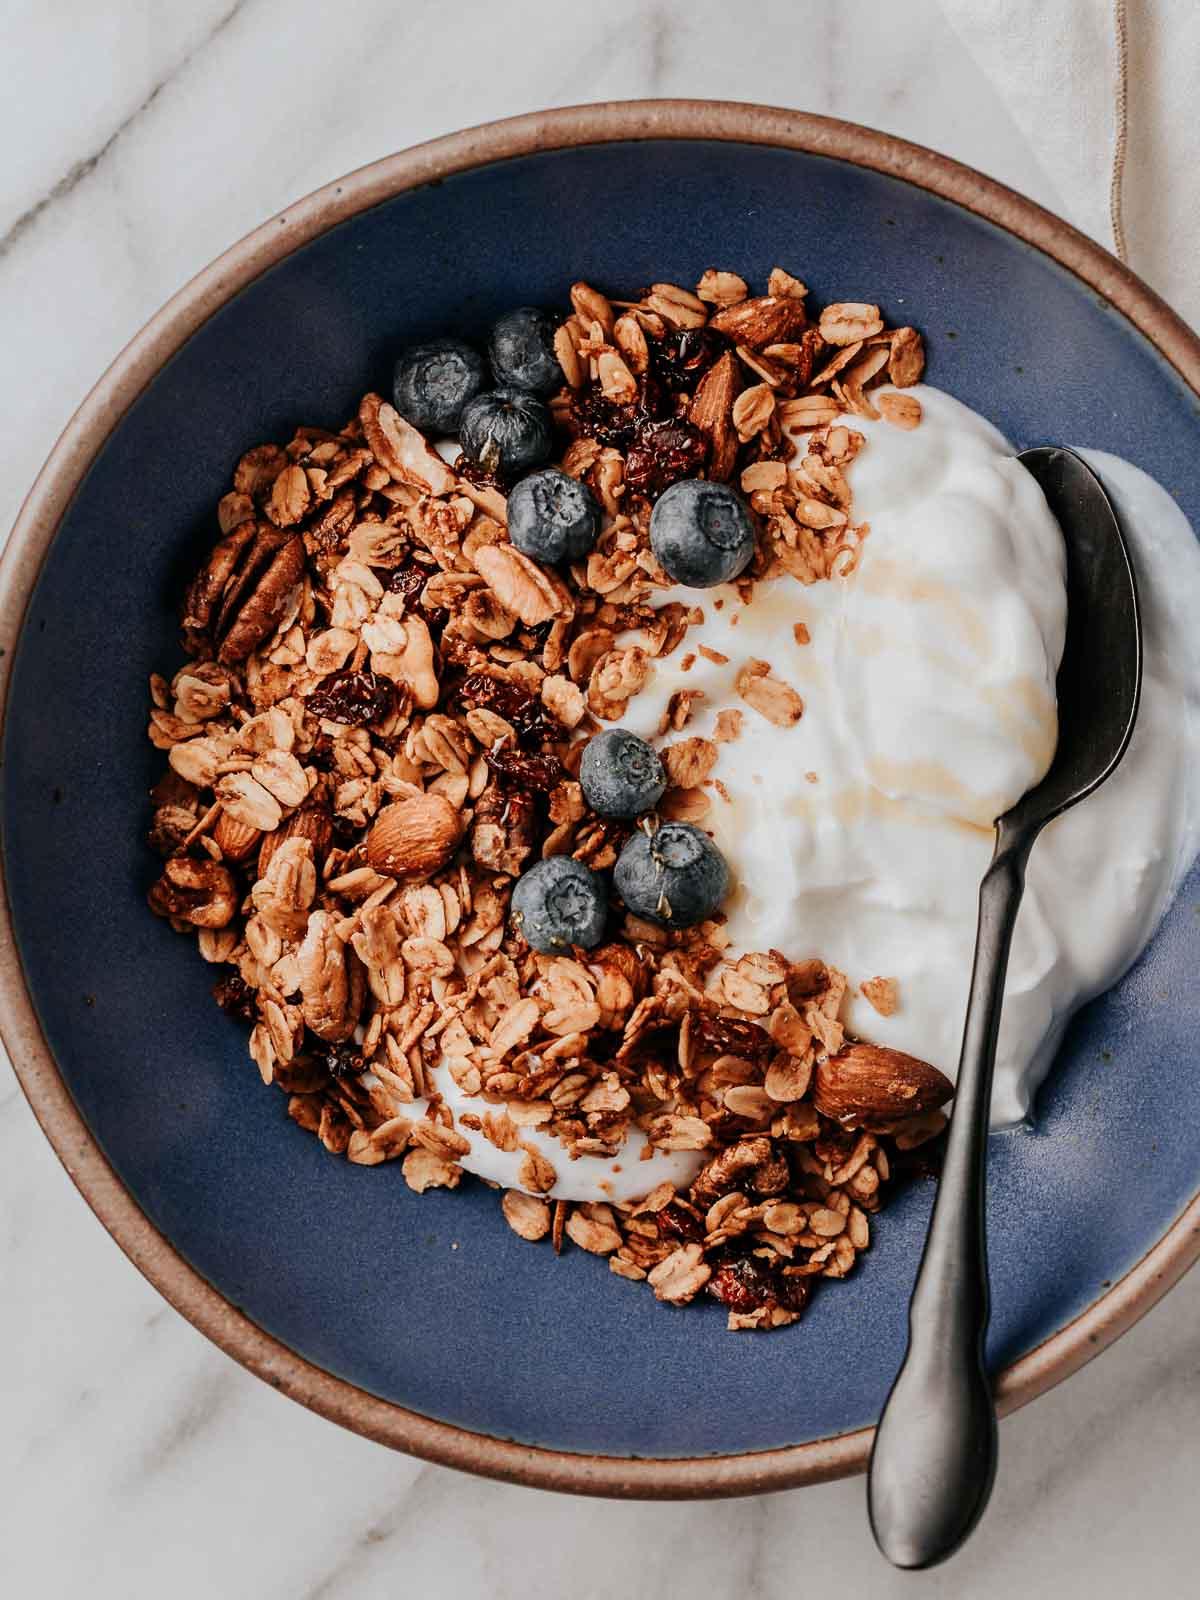 Granola and fresh blueberries over yogurt.